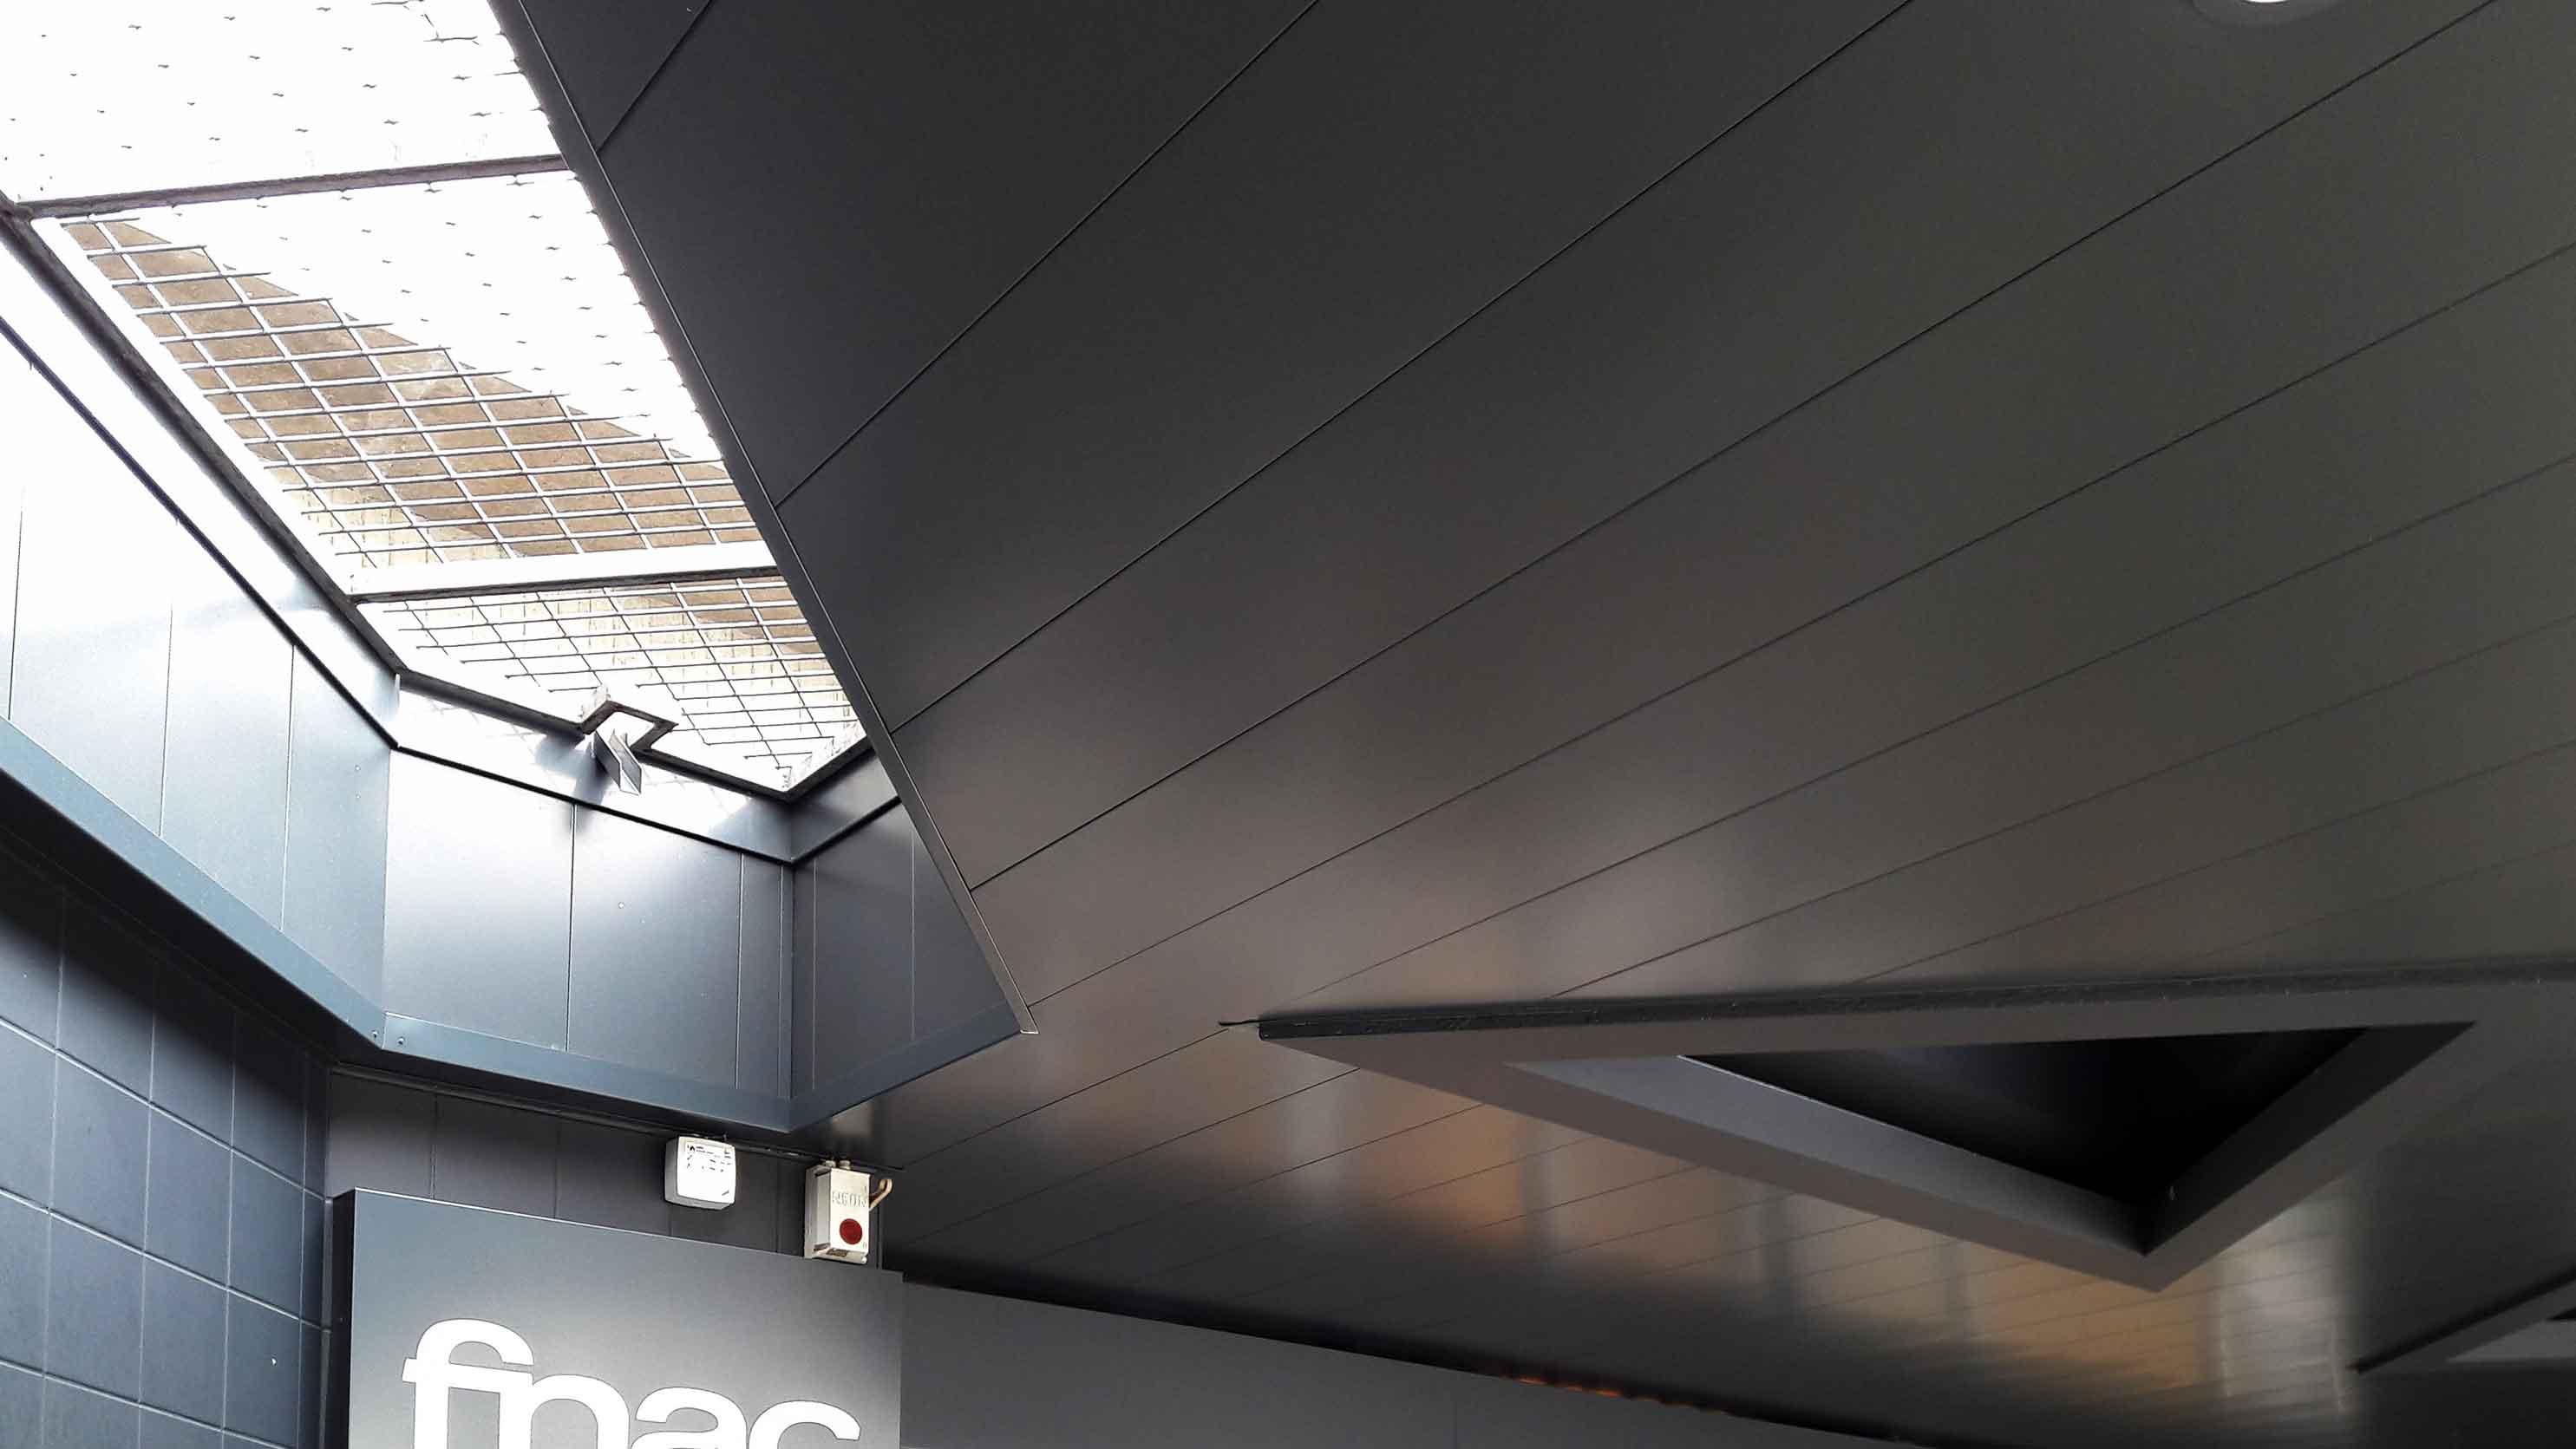 Cc Colombia Rennes Zoom Plafond Suspendu Hall Exterieur 2